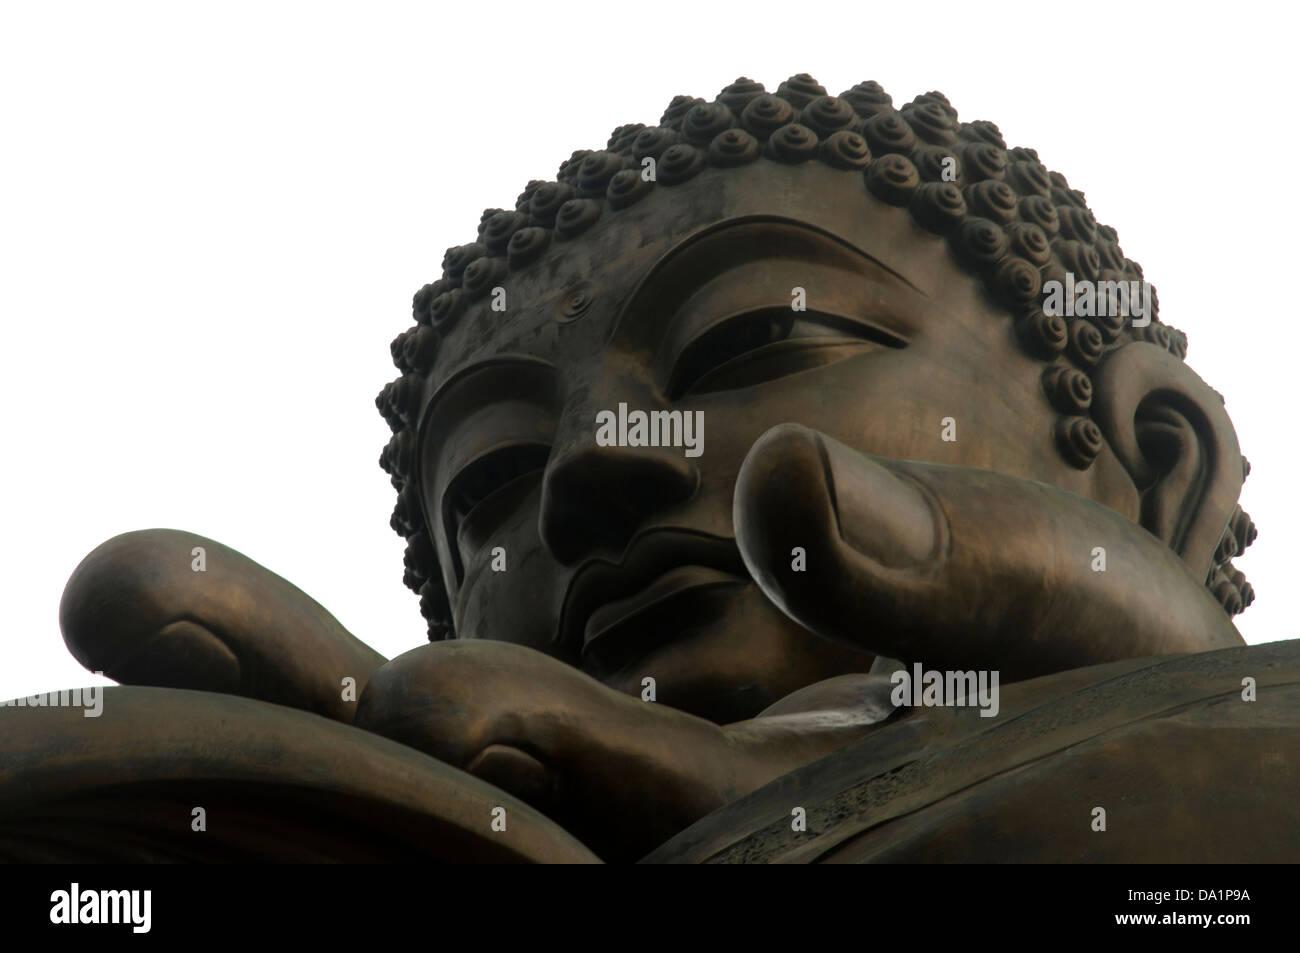 THE BIG BUDDHA ON TOP OF THE PO LING MONASTERY LANTAU ISLAND HONG KONG Stock Photo